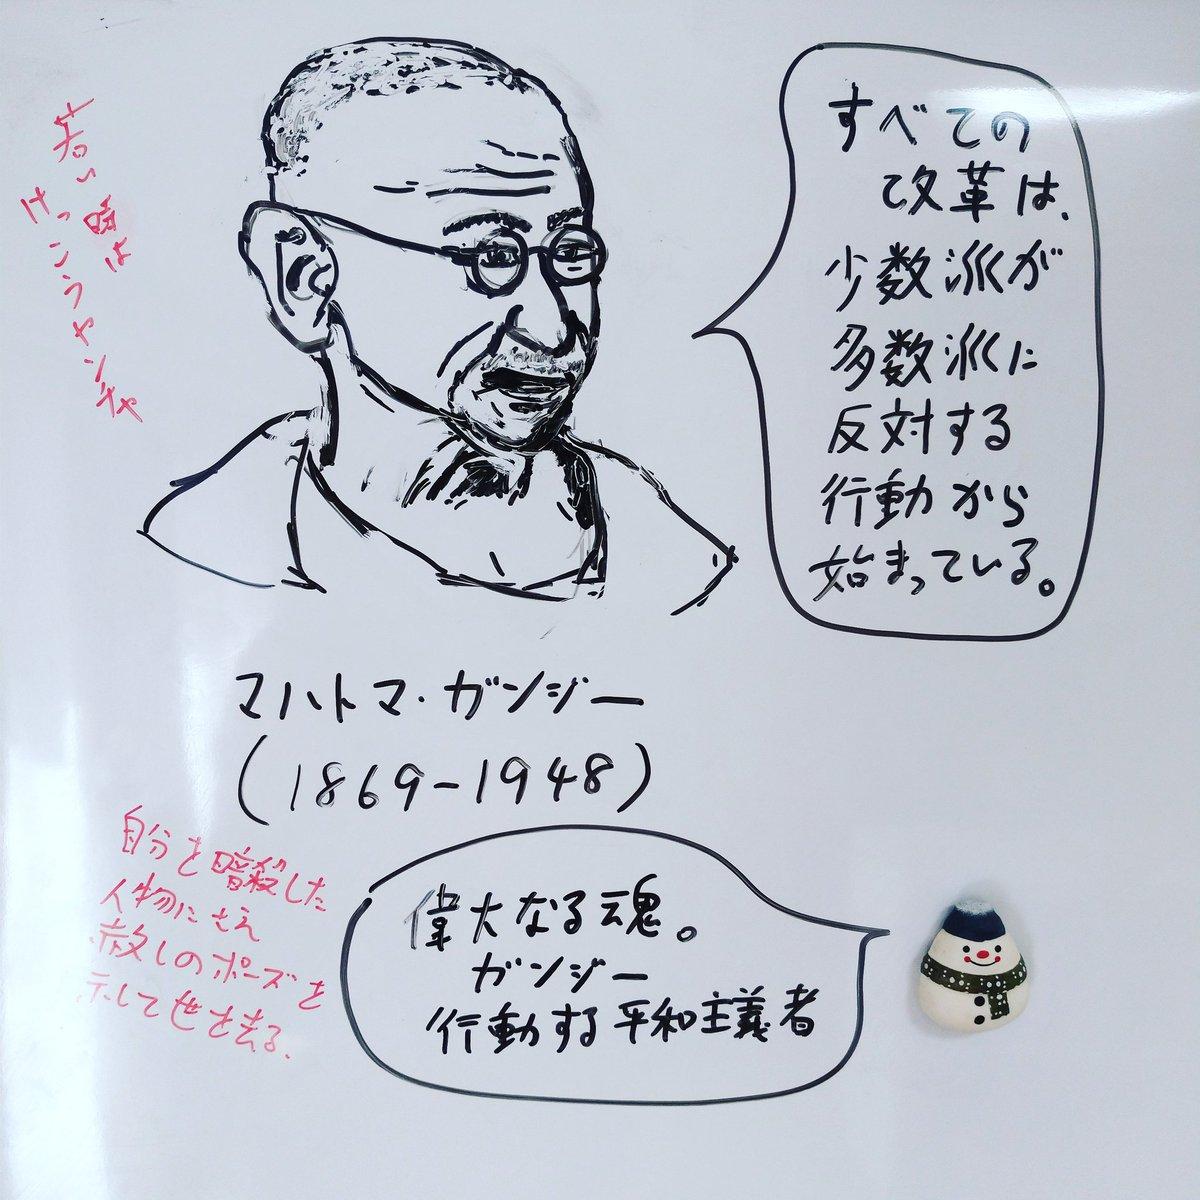 李東潤りとんゆん On Twitter ホワイトボードで触れる名言シリーズ